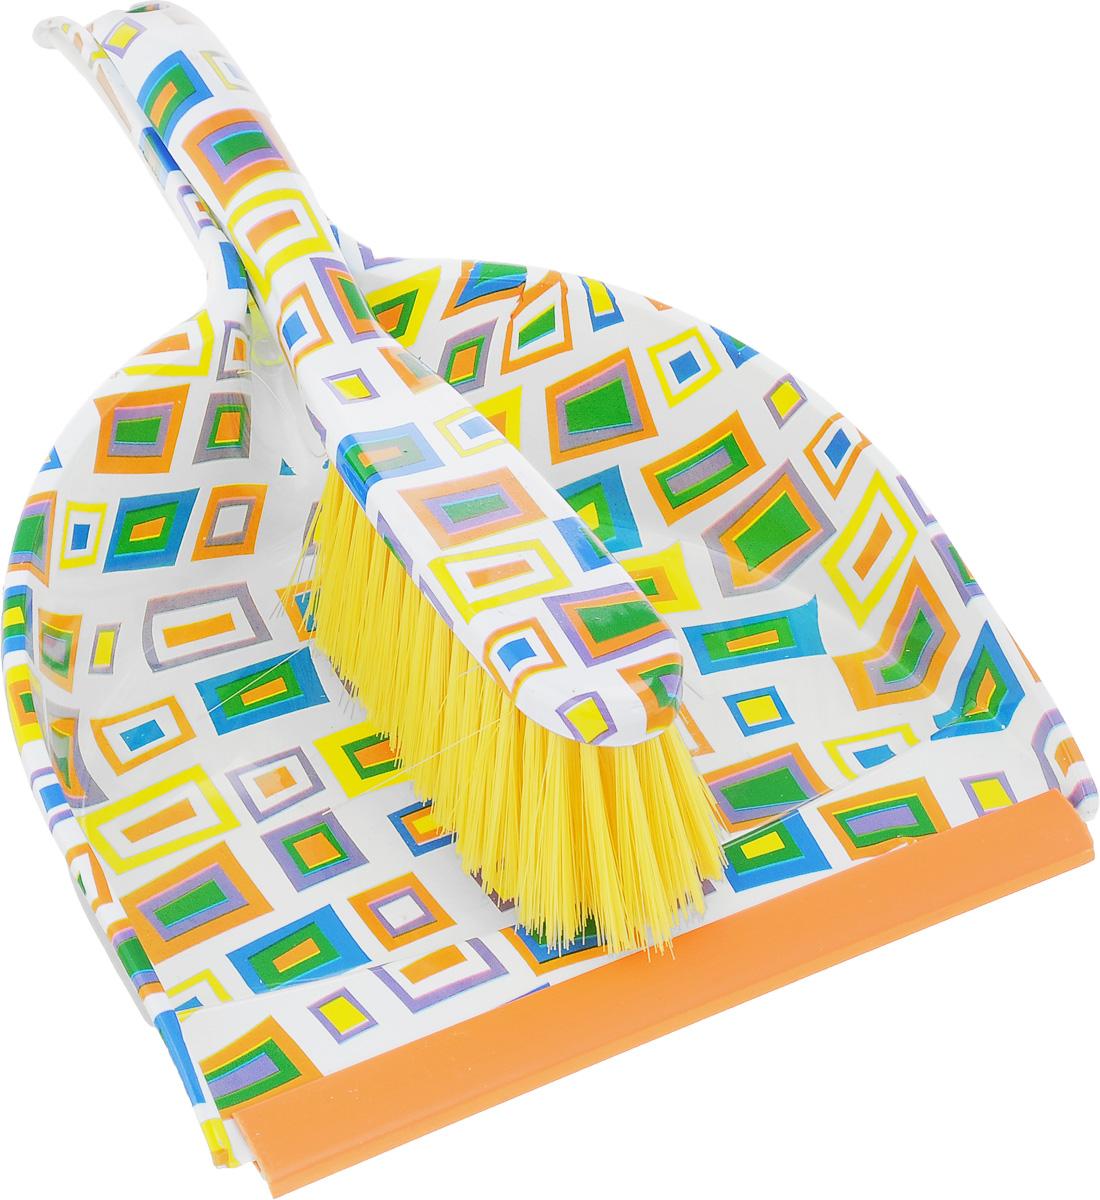 Набор для уборки Фэйт Колор, 2 предмета1.4.02.1421Набор для уборки Фэйт Флора состоит из совка и щетки-сметки, изготовленных из высококачественных пластика и нейлона. Вместительный совок удерживает собранный мусор, позволяет эффективно и быстро совершать уборку в любом помещении. Прорезиненный край совка обеспечивает наиболее плотное прилегание к полу. Щетка-сметка с жестким ворсом имеет удобную форму позволяет вымести мусор даже из труднодоступных мест. Совок и щетка-сметка оснащены ручками с отверстиями для подвешивания. С набором Фэйт Флора уборка станет легче и приятнее.Общая длина щетки-сметки: 26 см.Длина ворса щетки-сметки: 5 см.Длина совка: 32 см.Ширина совка: 22 см.